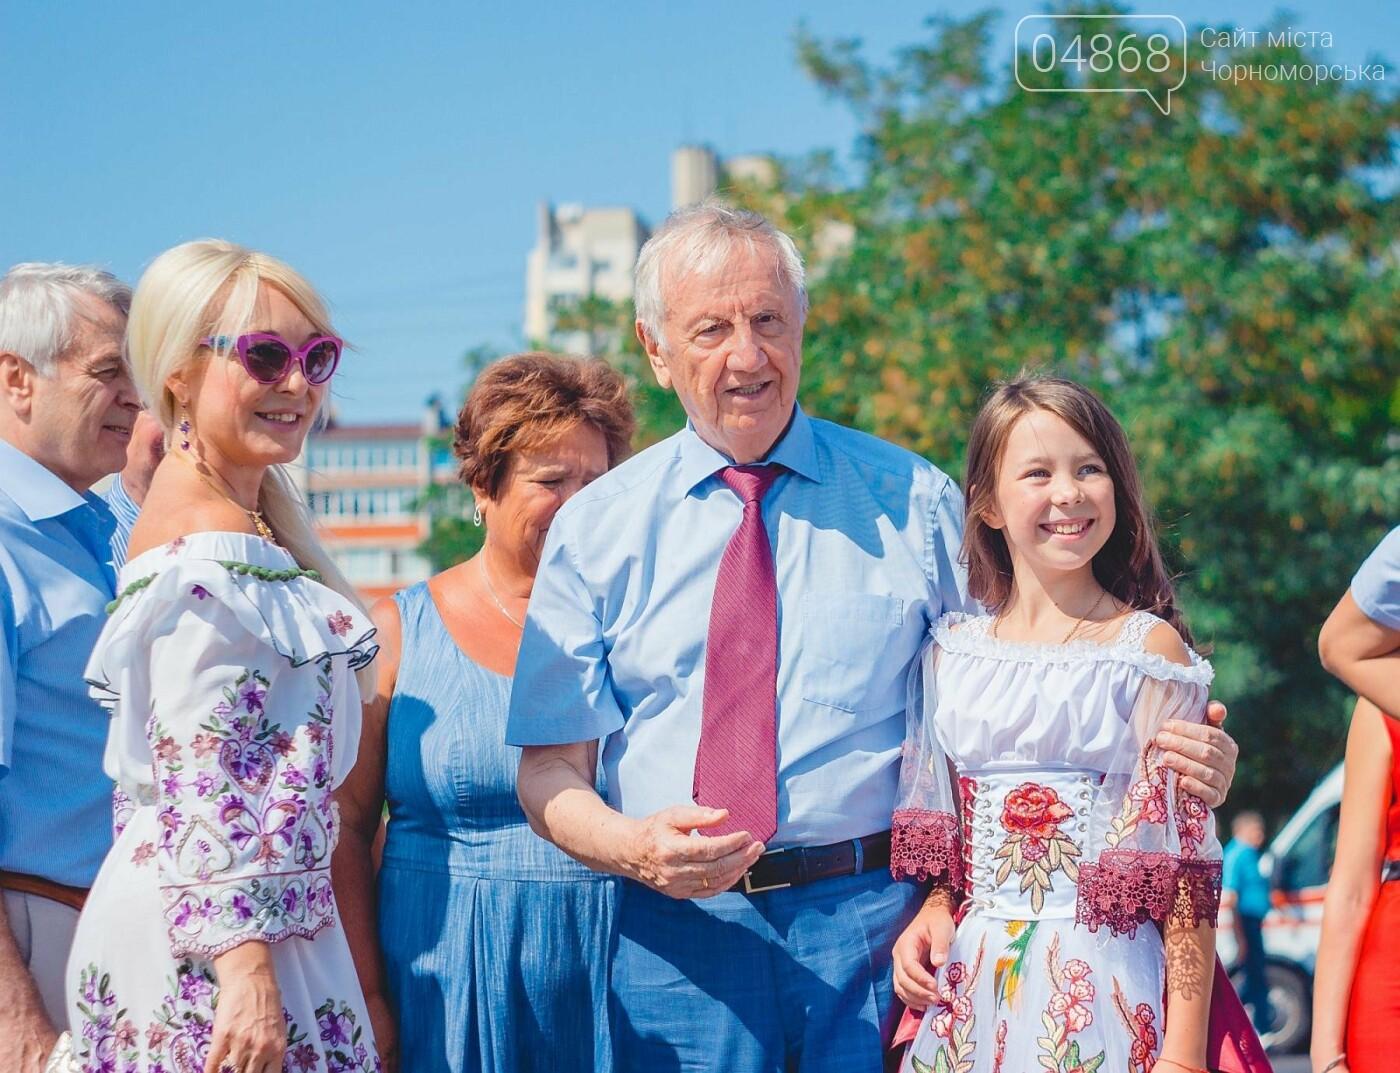 Жители Черноморска прошли по городу с 27-метровым Флагом Украины , фото-12